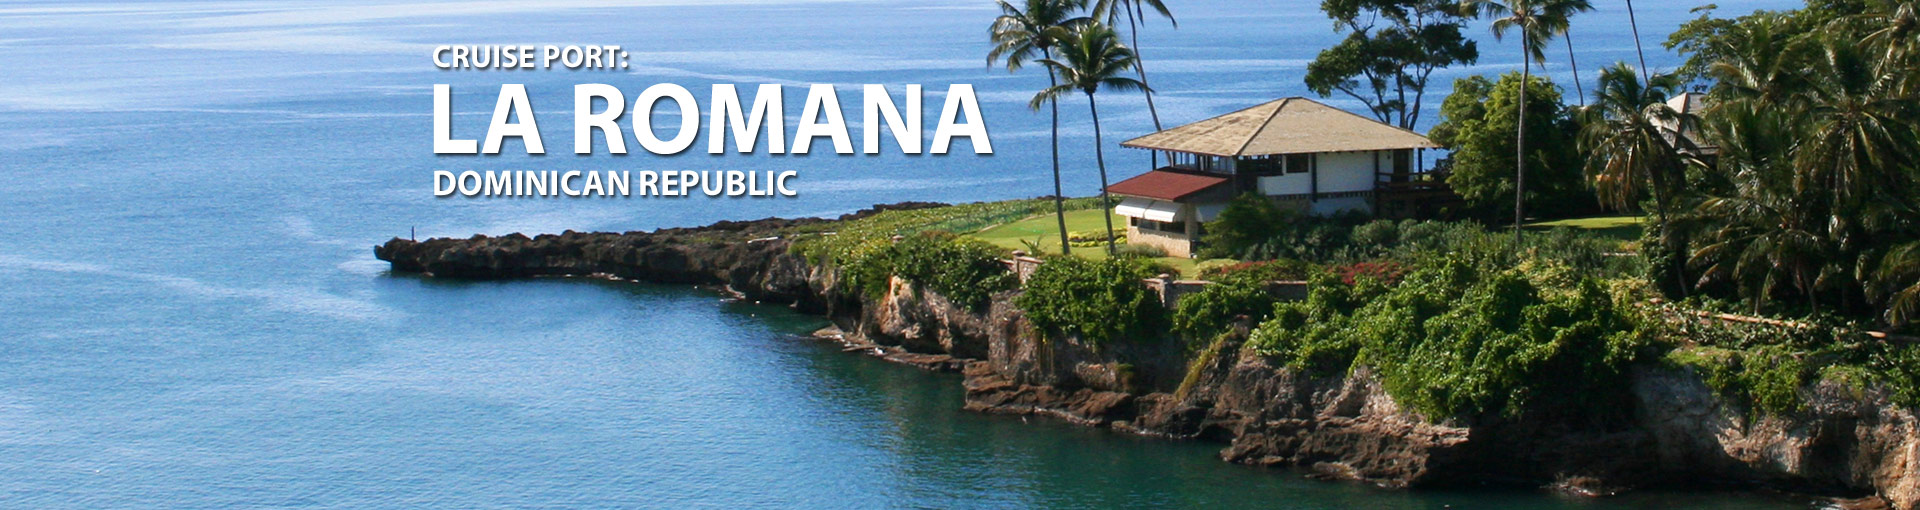 Cruises from La Romana, Dominican Republic